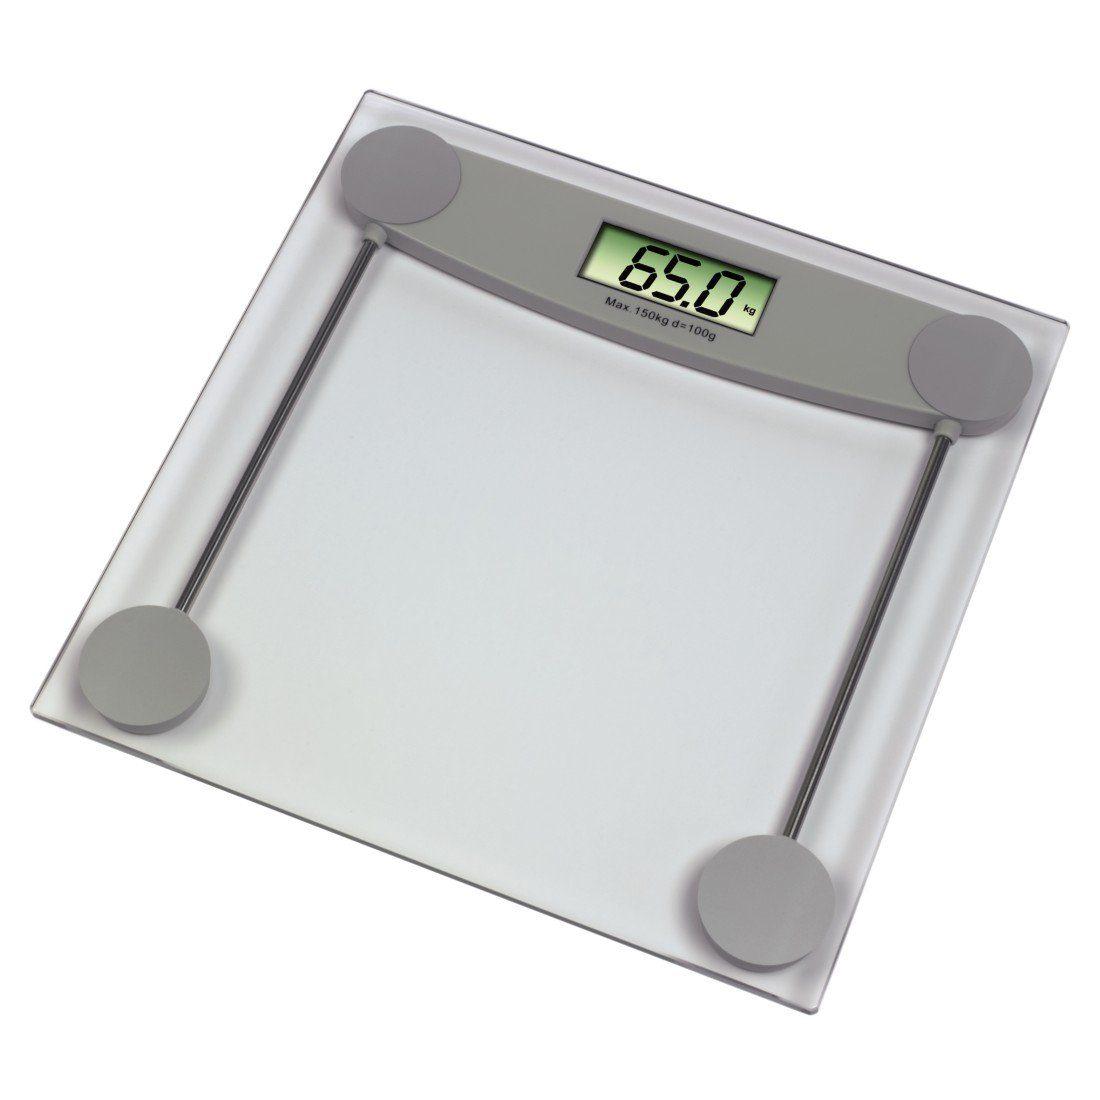 Xavax Digitale Personenwaage für Körpergewicht, Ultraflach »Melissa, Transparent/Grau«